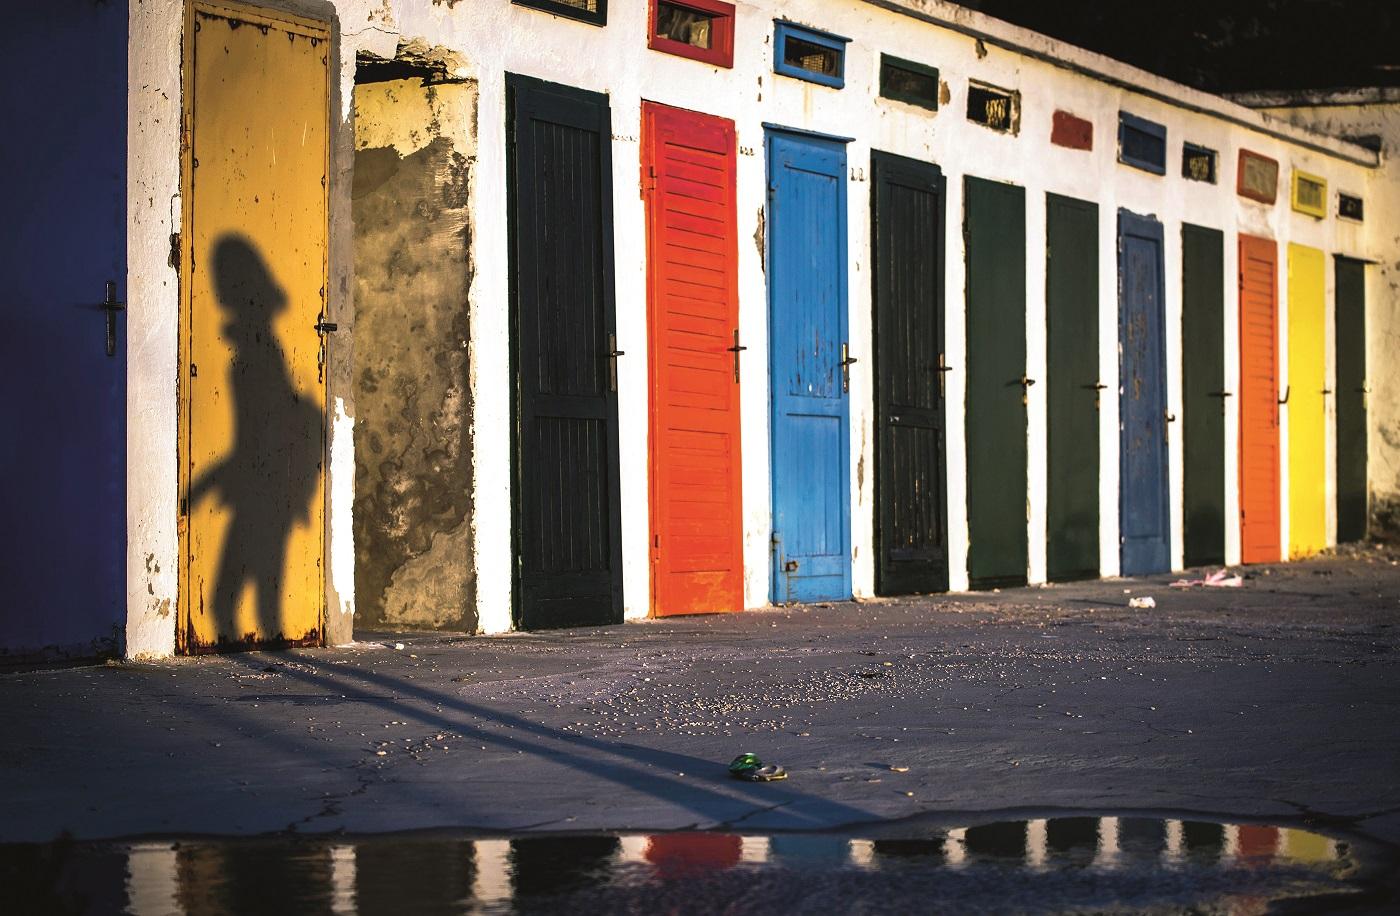 Sibenik, 060520. Zalazak sunca na gradskom kupalistu Jadrija. Foto: Nikolina Vukovic Stipanicev / CROPIX